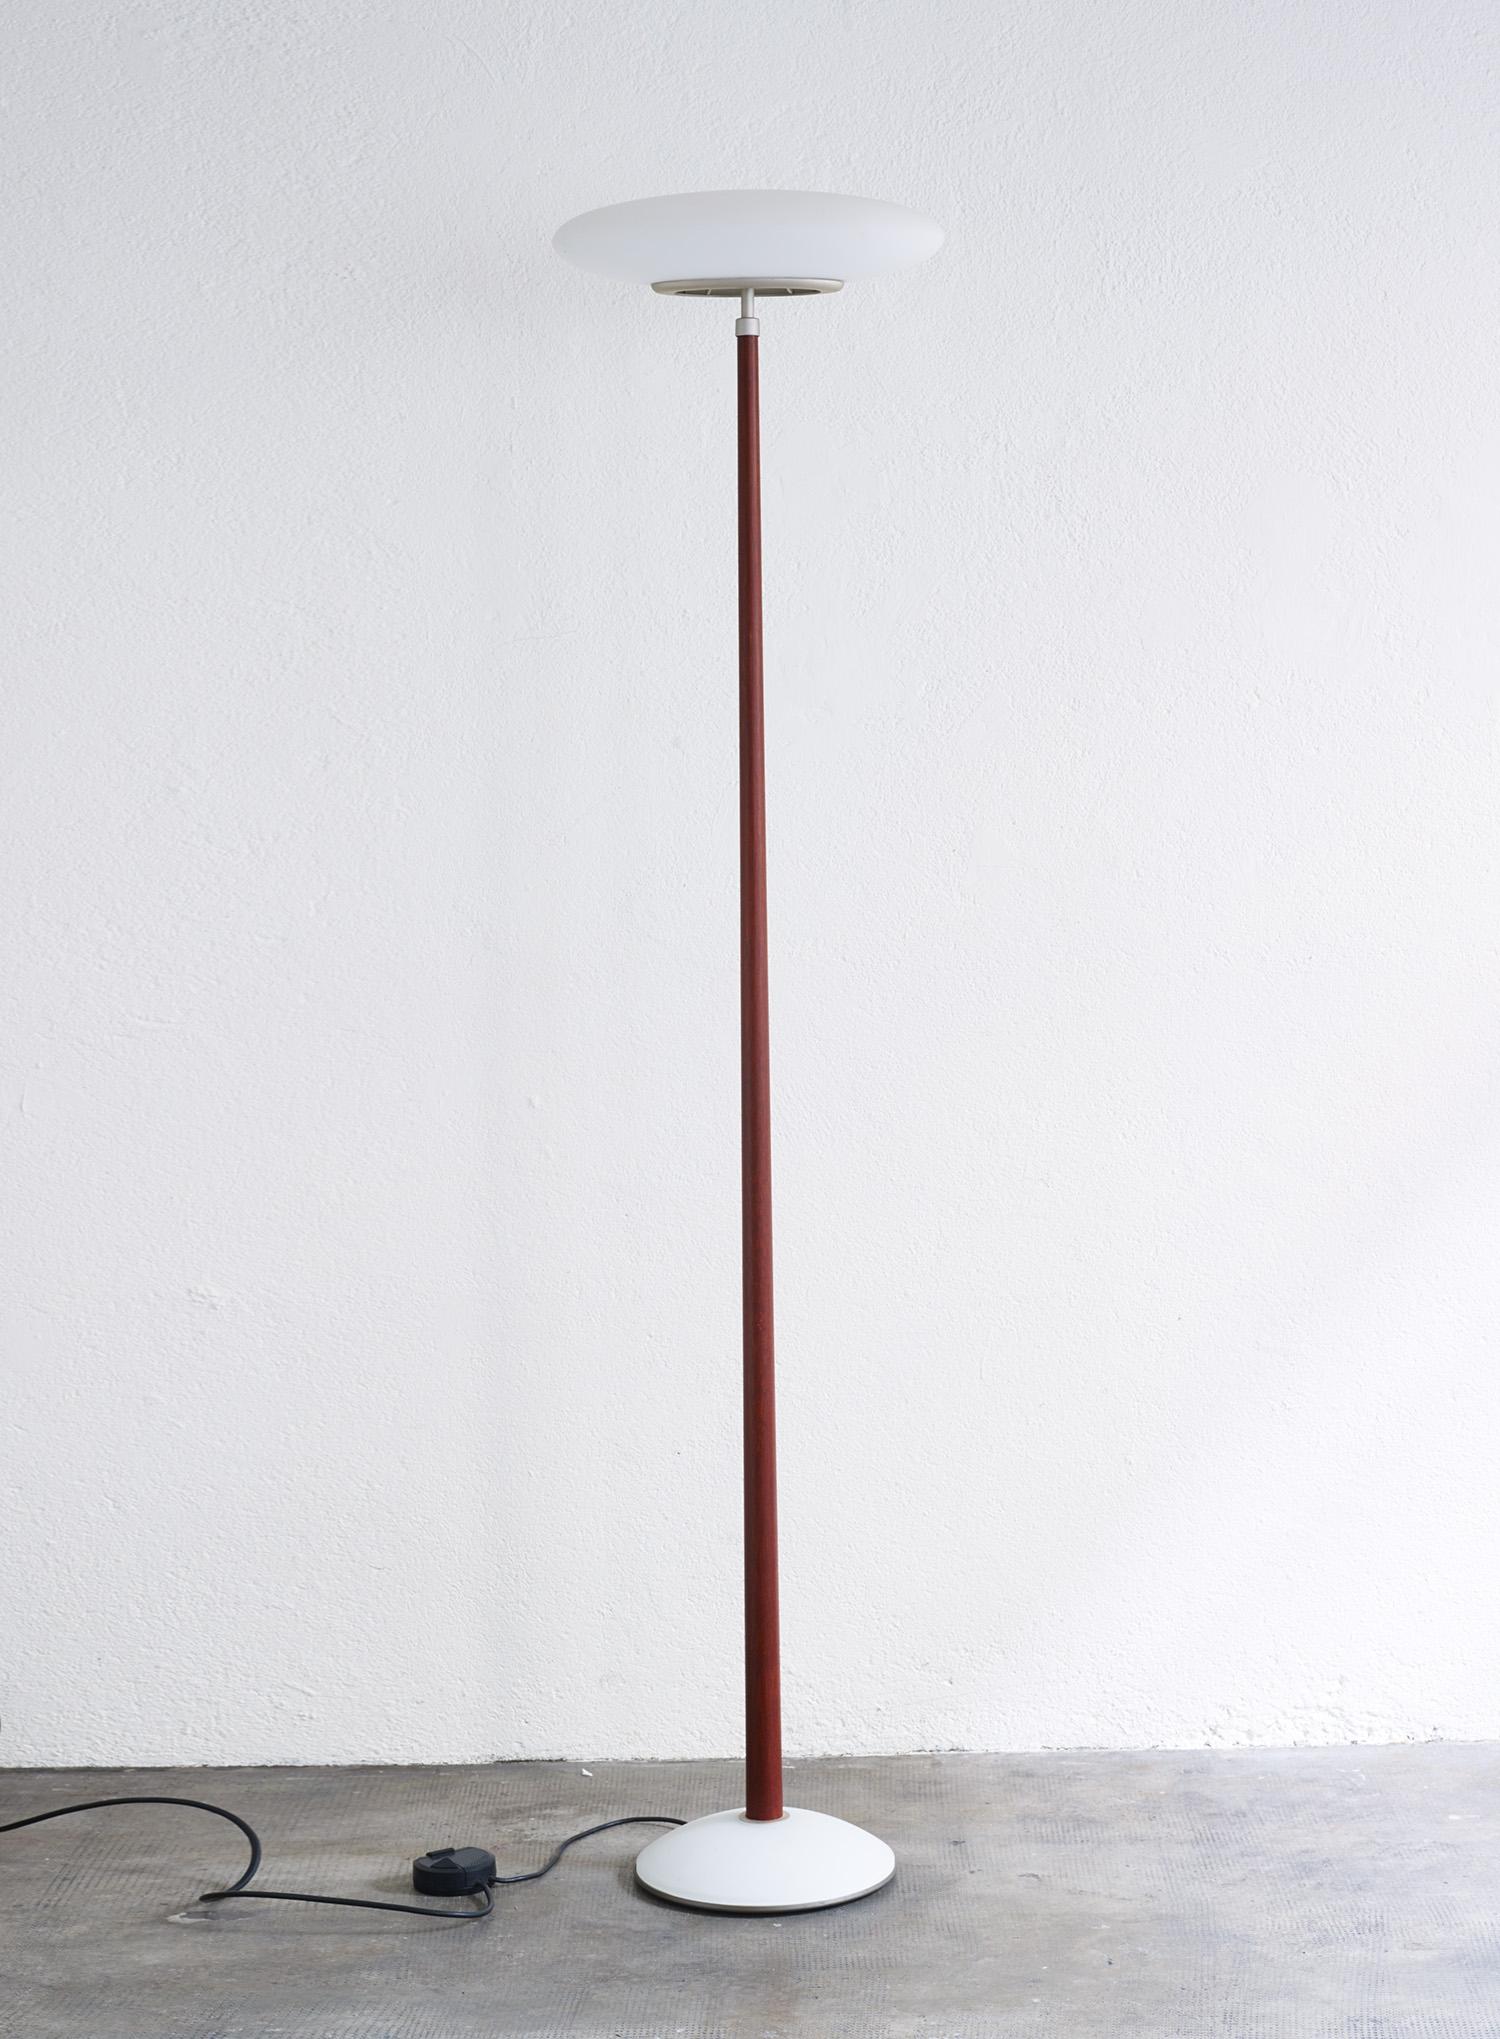 pao-floor-light-by-matteo-thun-for-arteluce-image-02